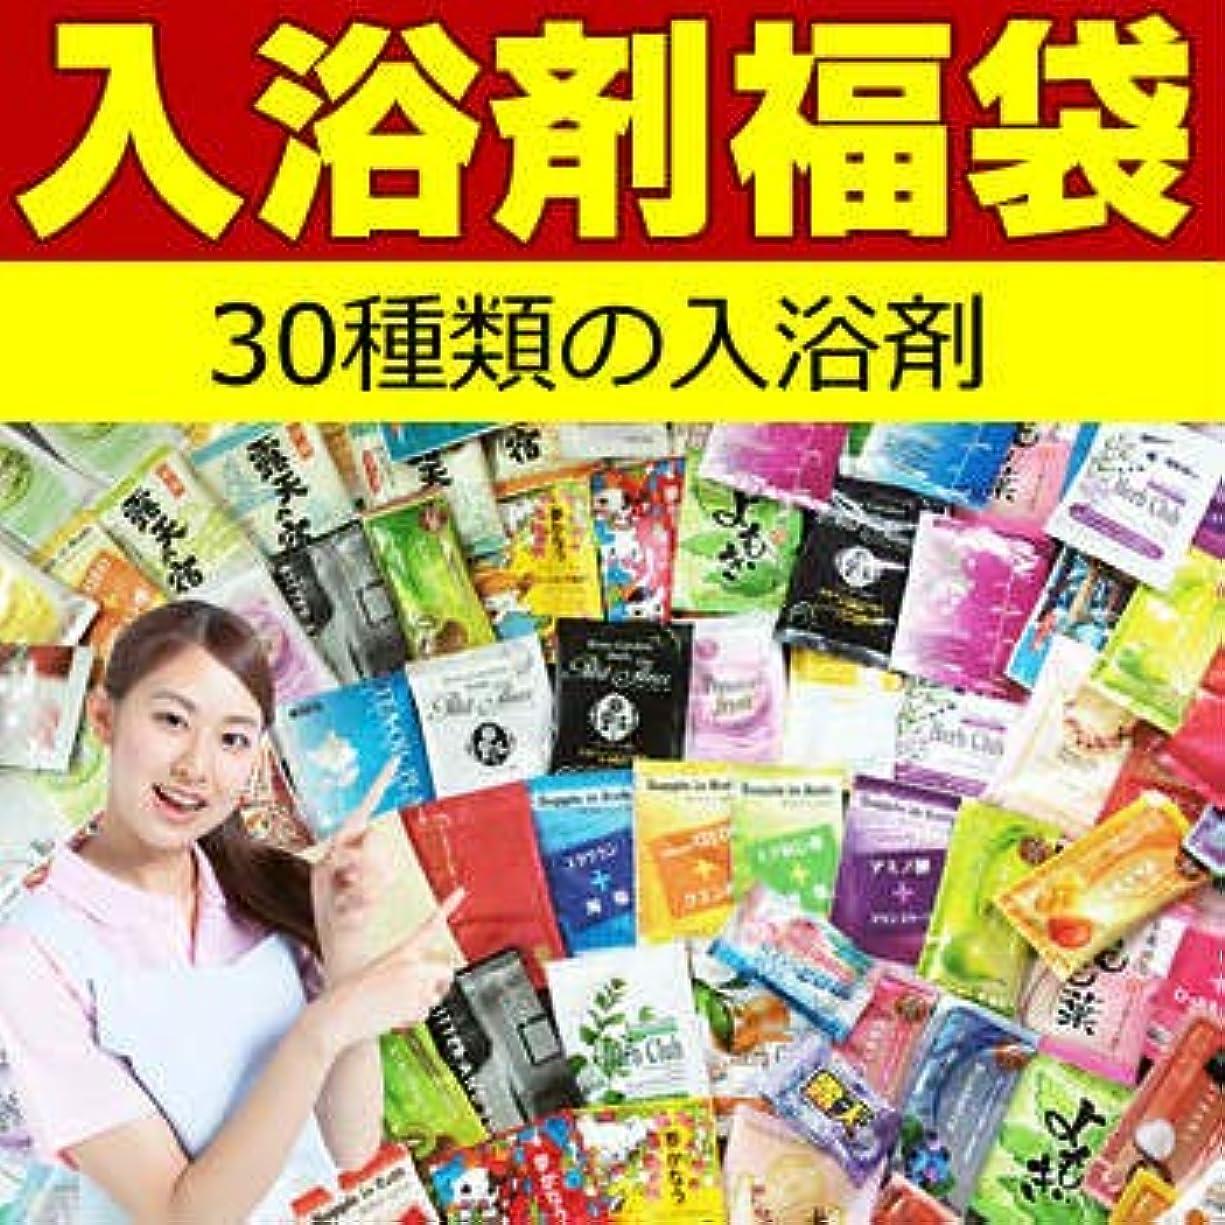 いらいらするパキスタン織る福袋 入浴剤 30種類30日分 日本製